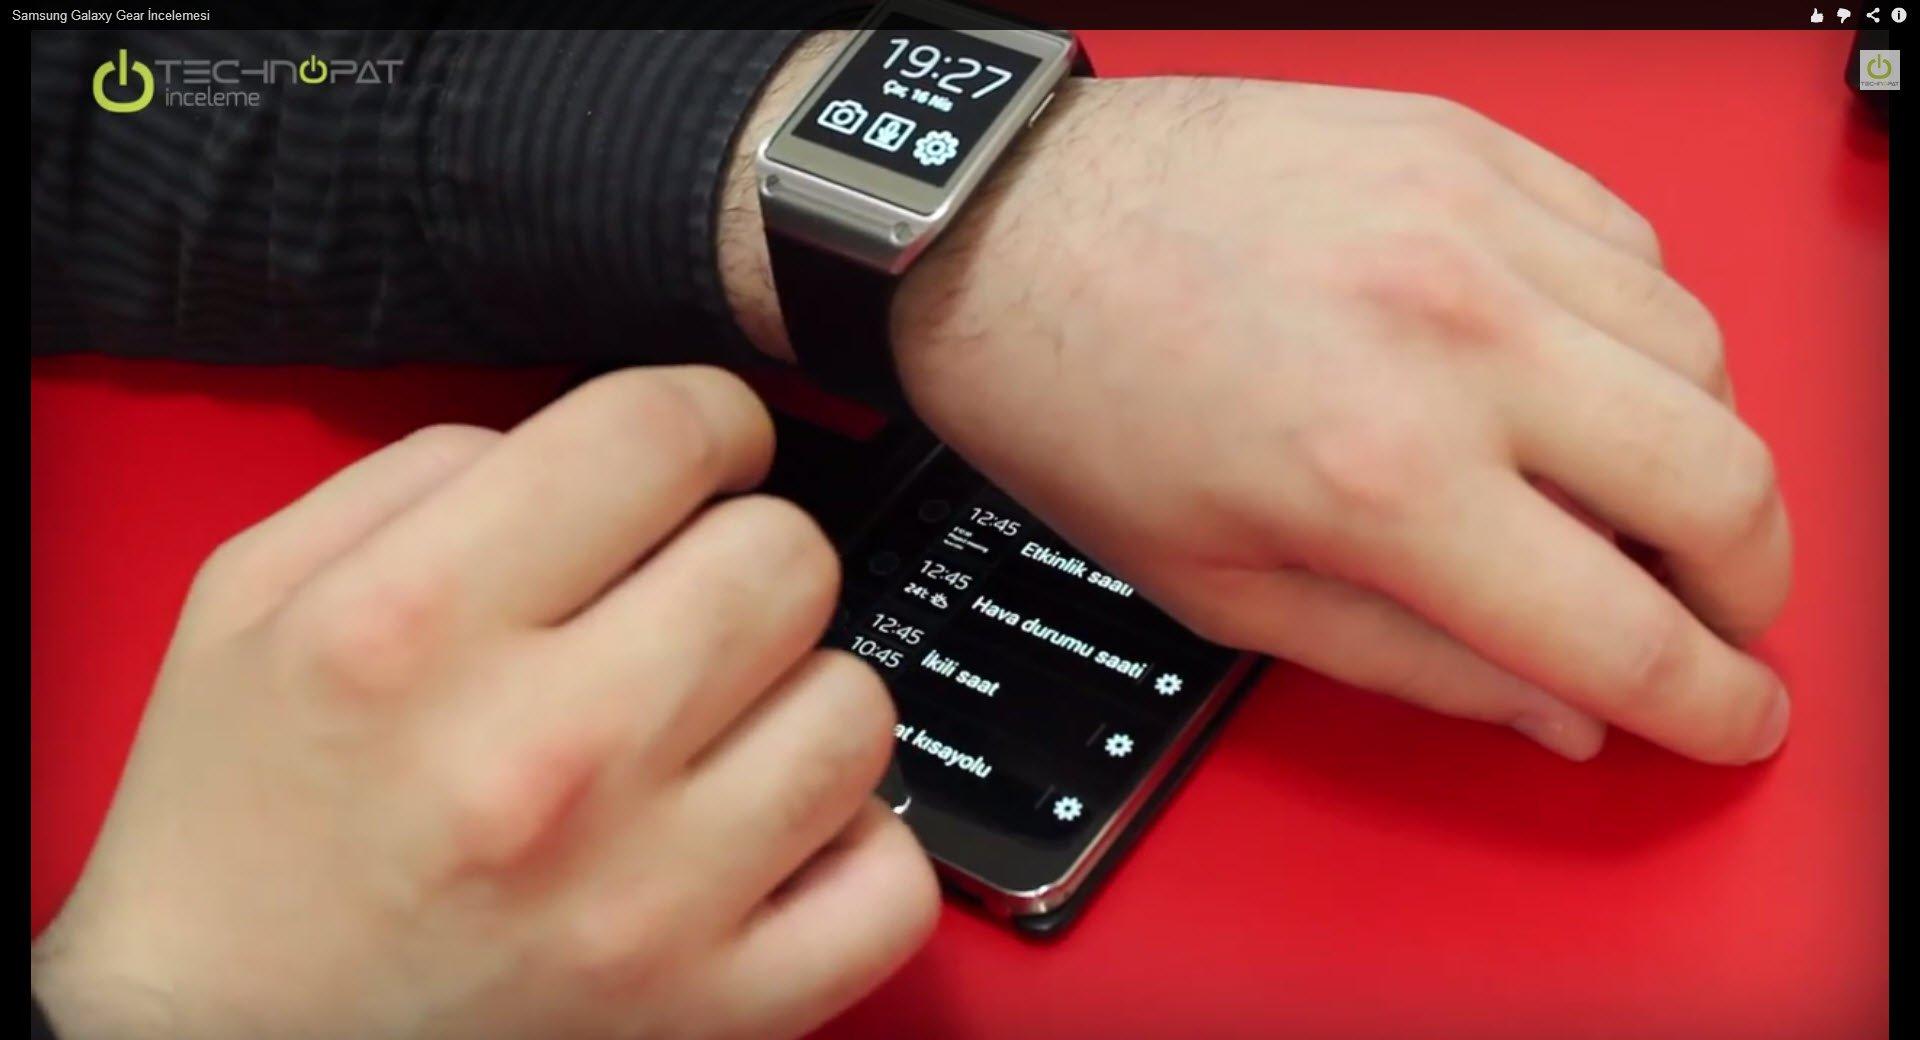 Samsung Galaxy Gear ile ilgili merak ettiğiniz bütün soruların cevabını inceleme videomuzda bulabilirsiniz...